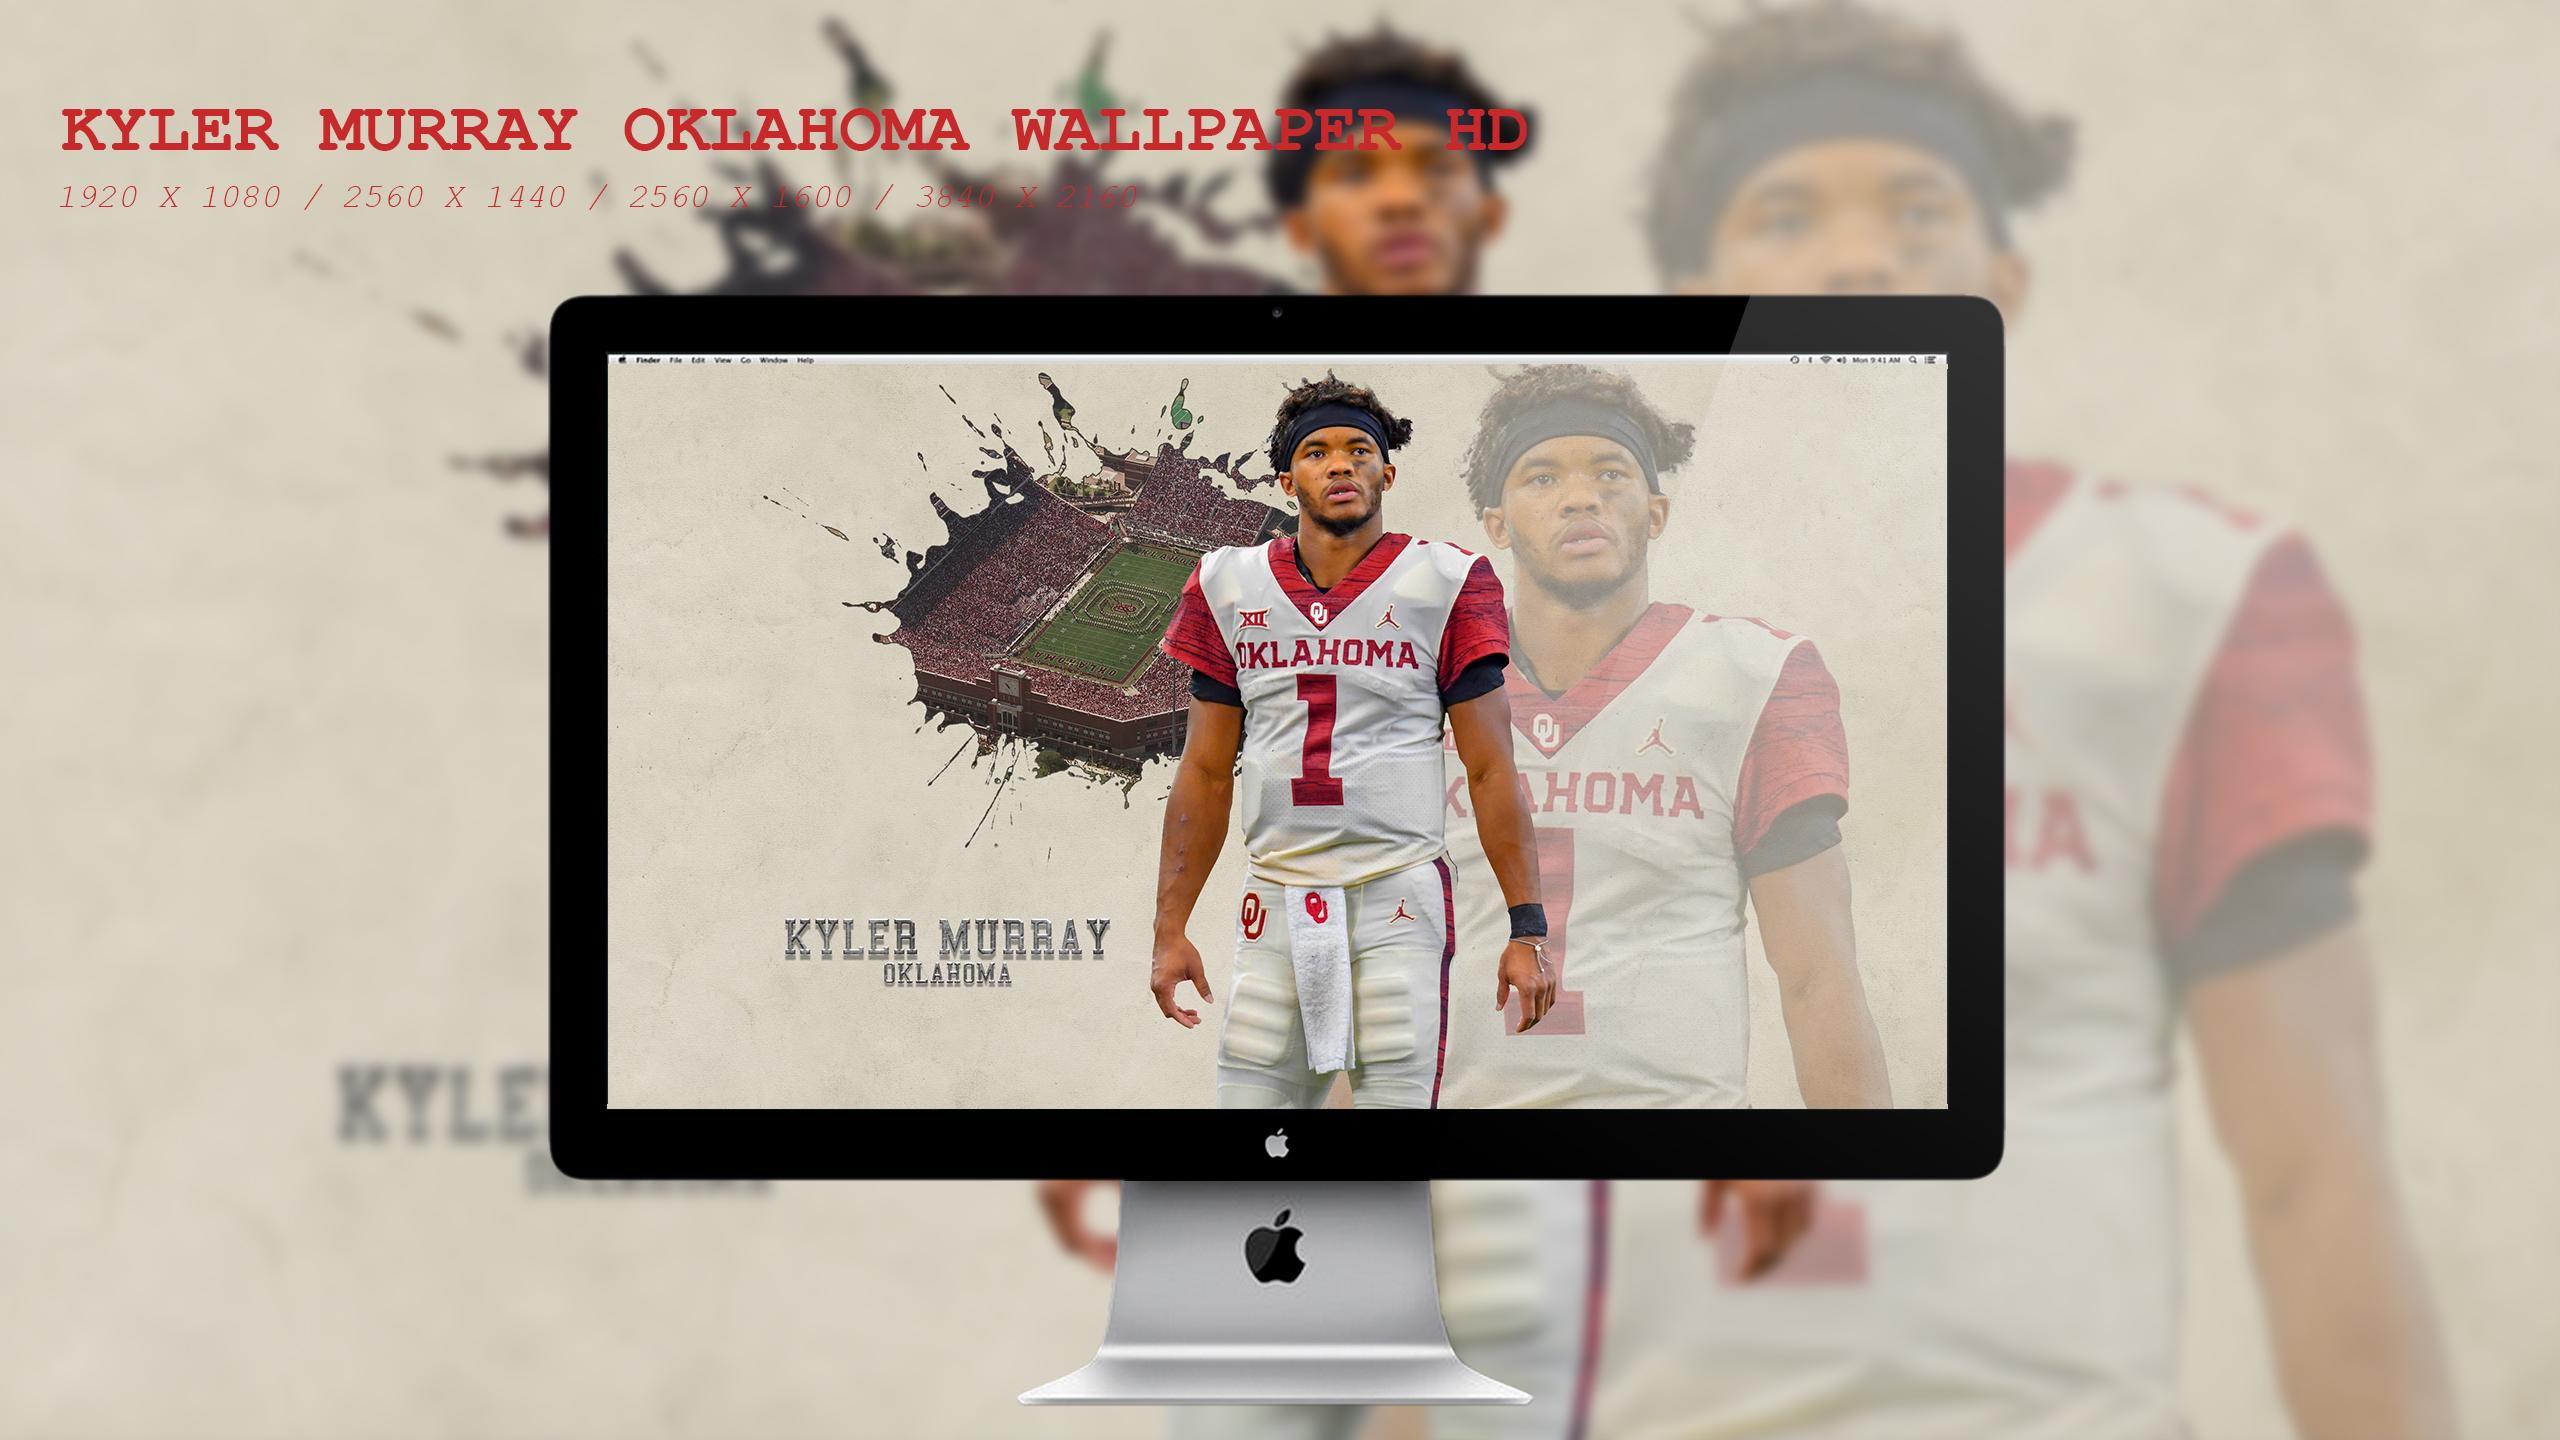 Kyler Murray Oklahoma Wallpaper HD